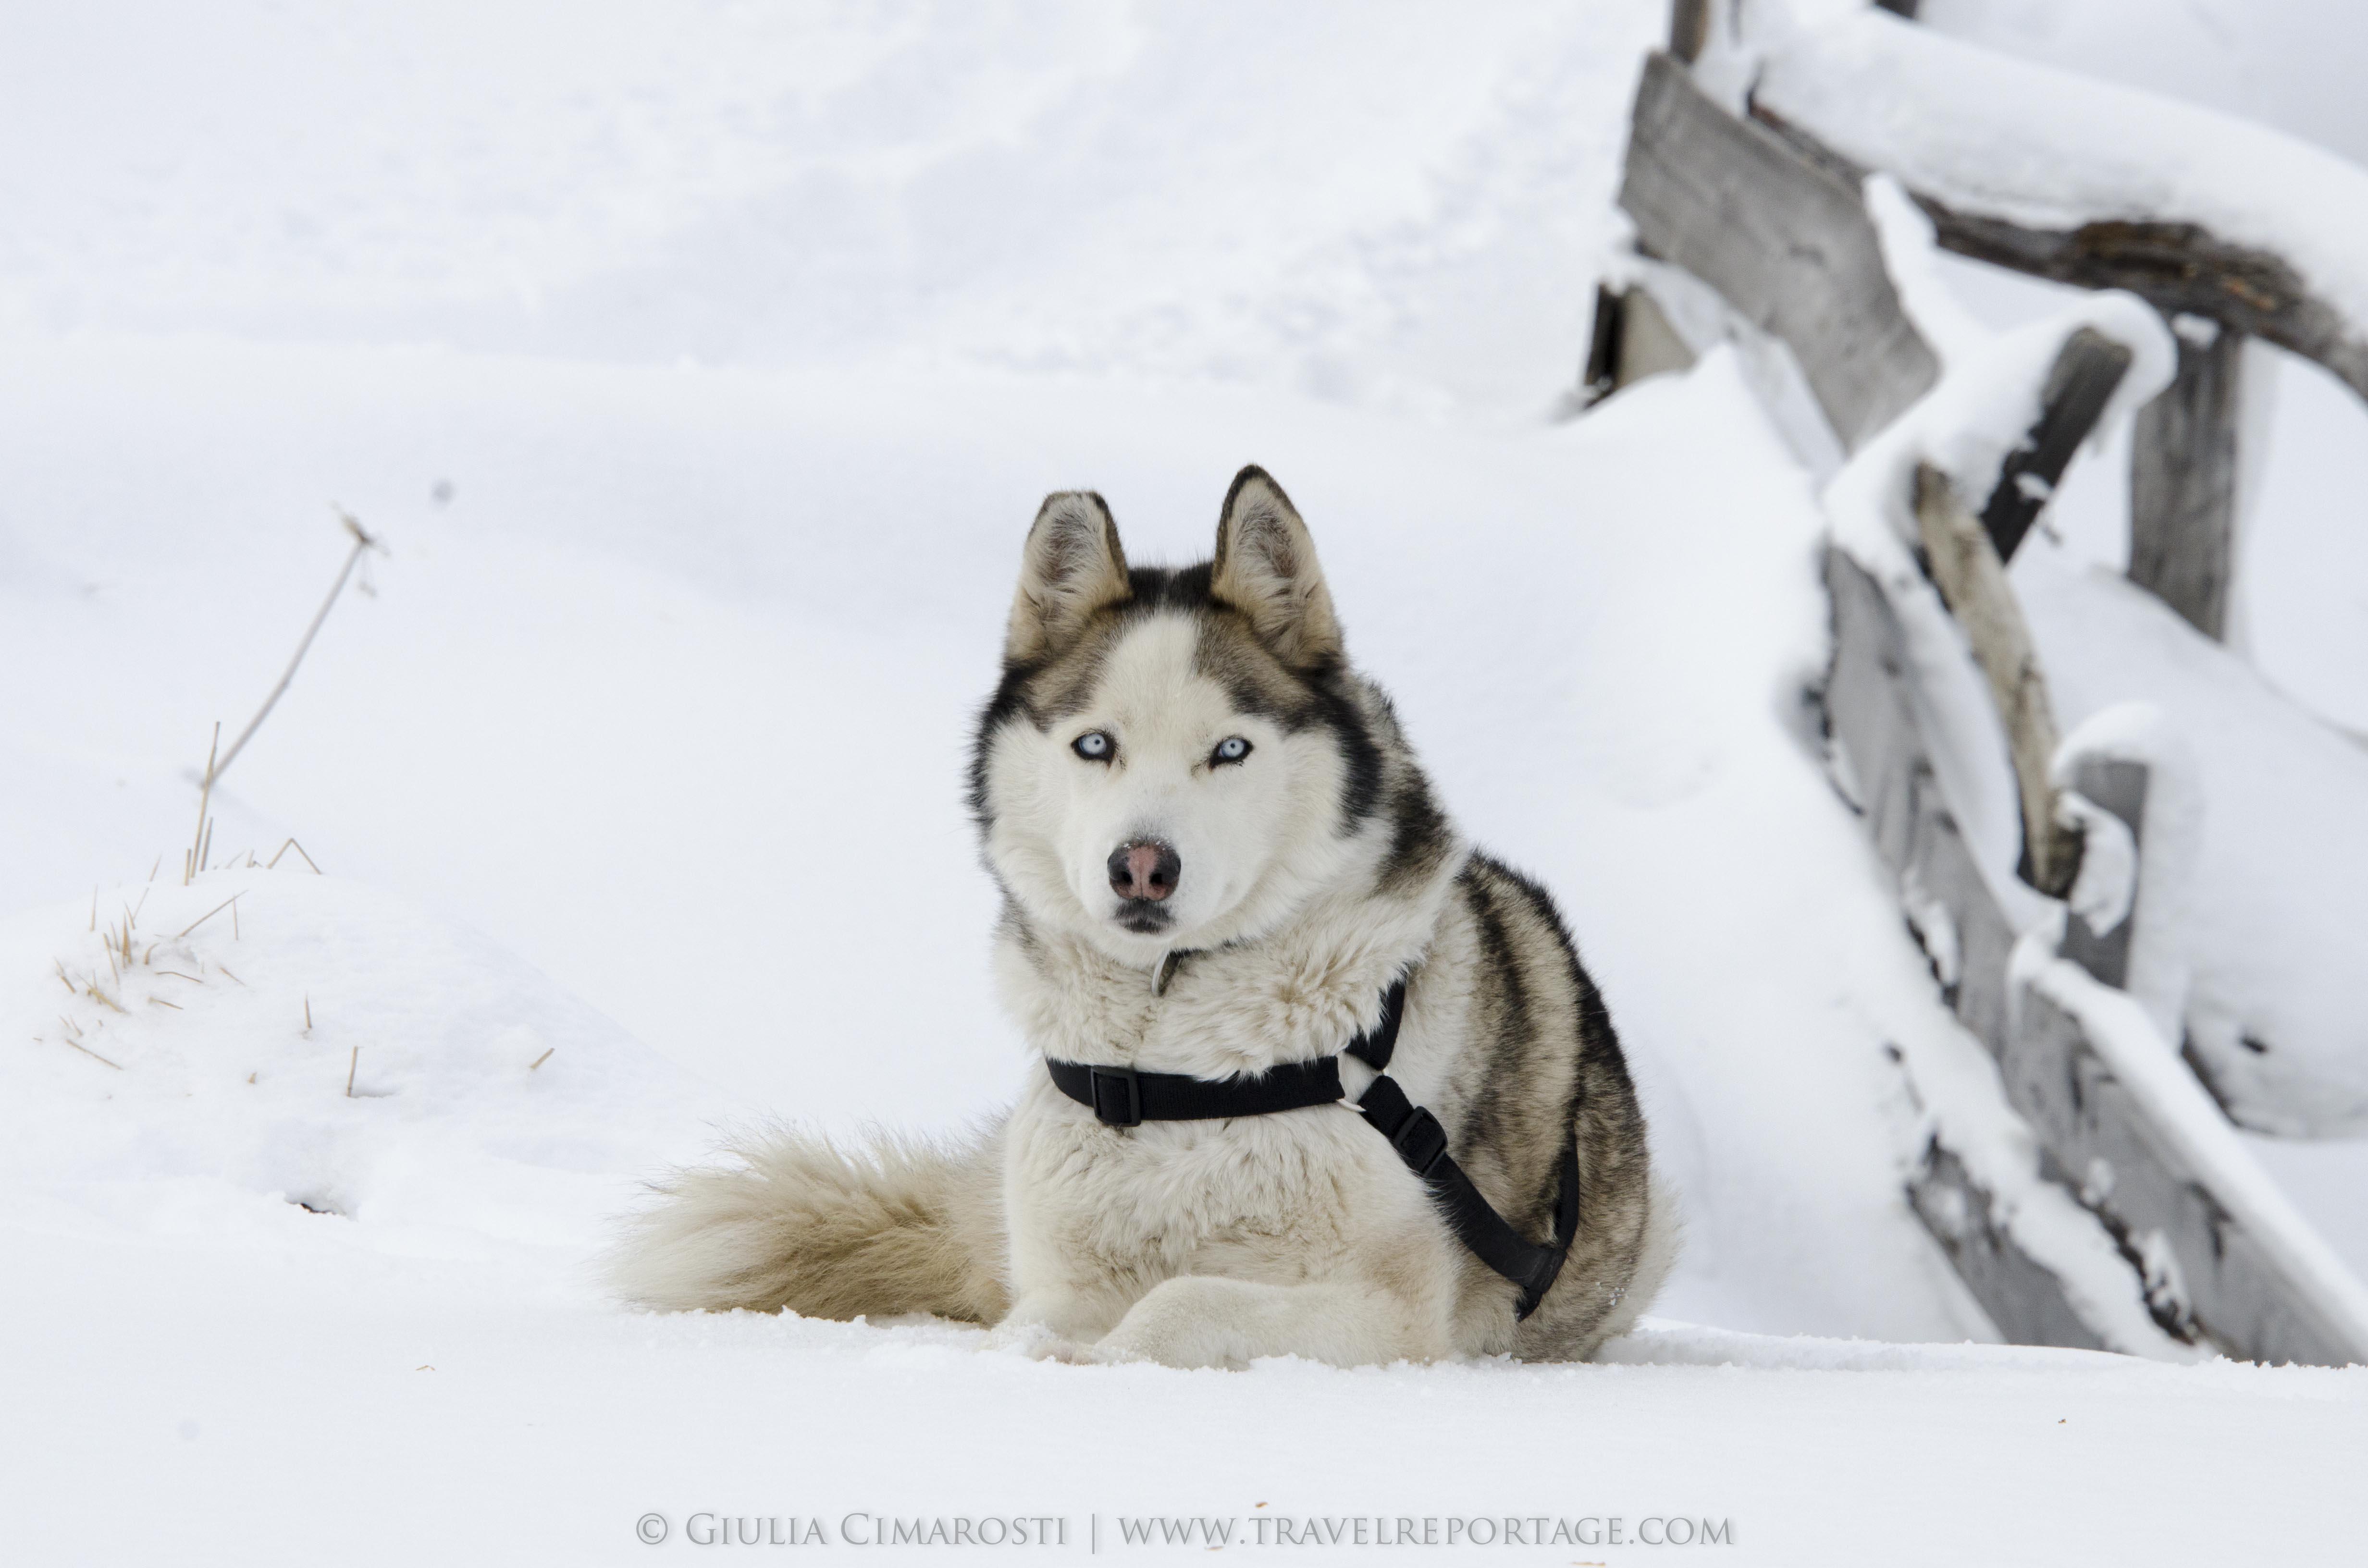 Nanuk the dog